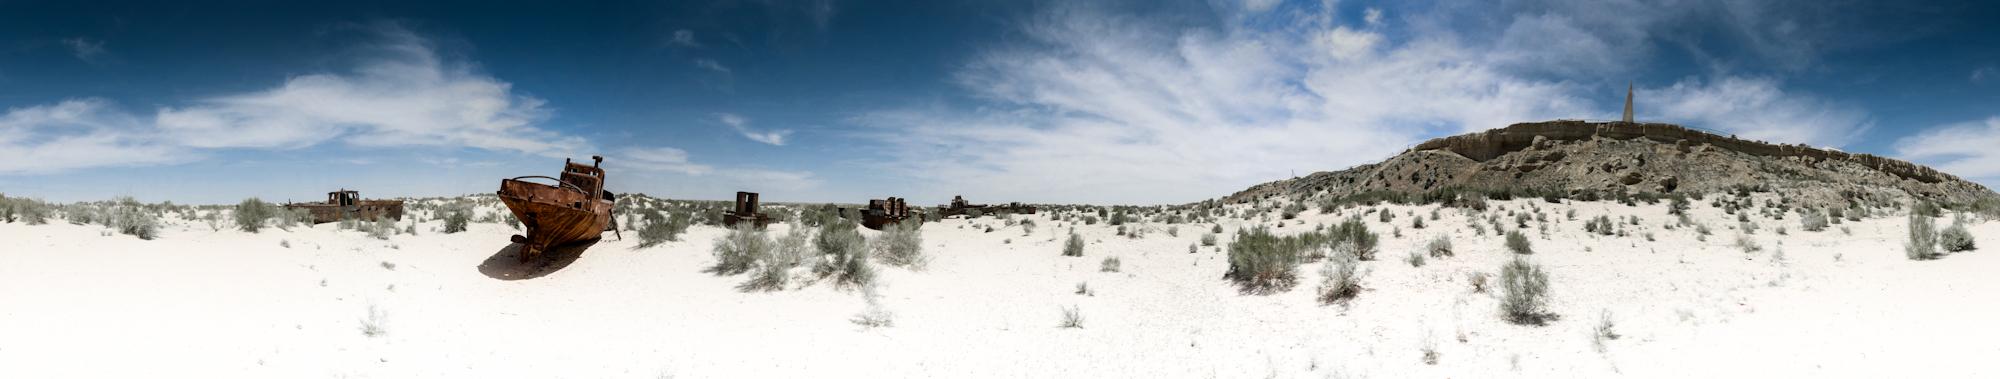 Aralské jezero - Muynak